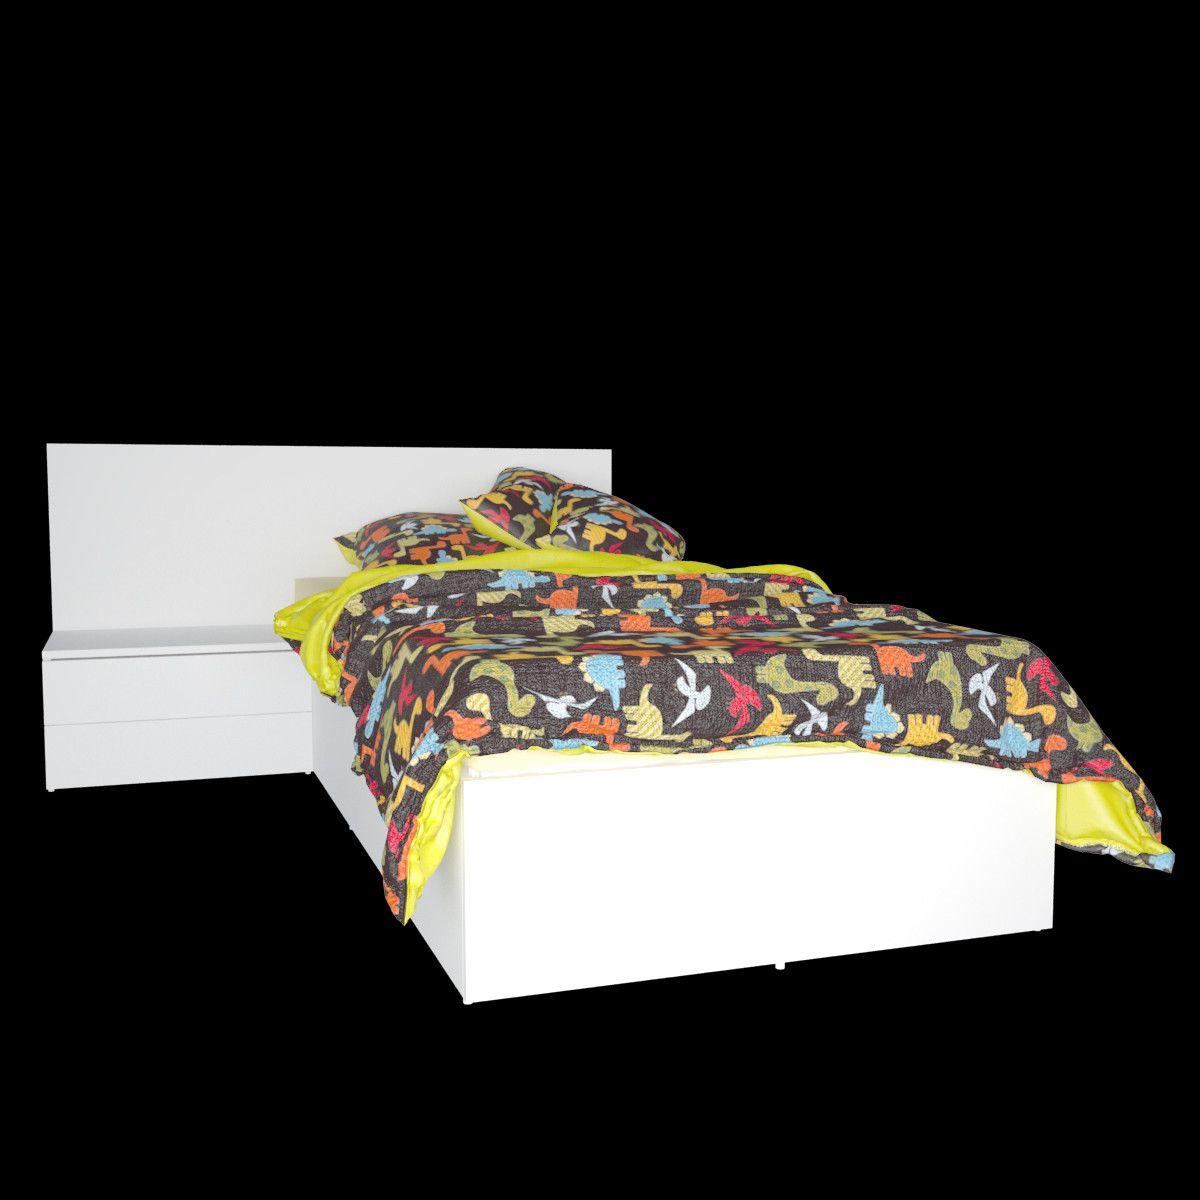 v ray bed mattress pillow 3d model 3d model 3d modeling